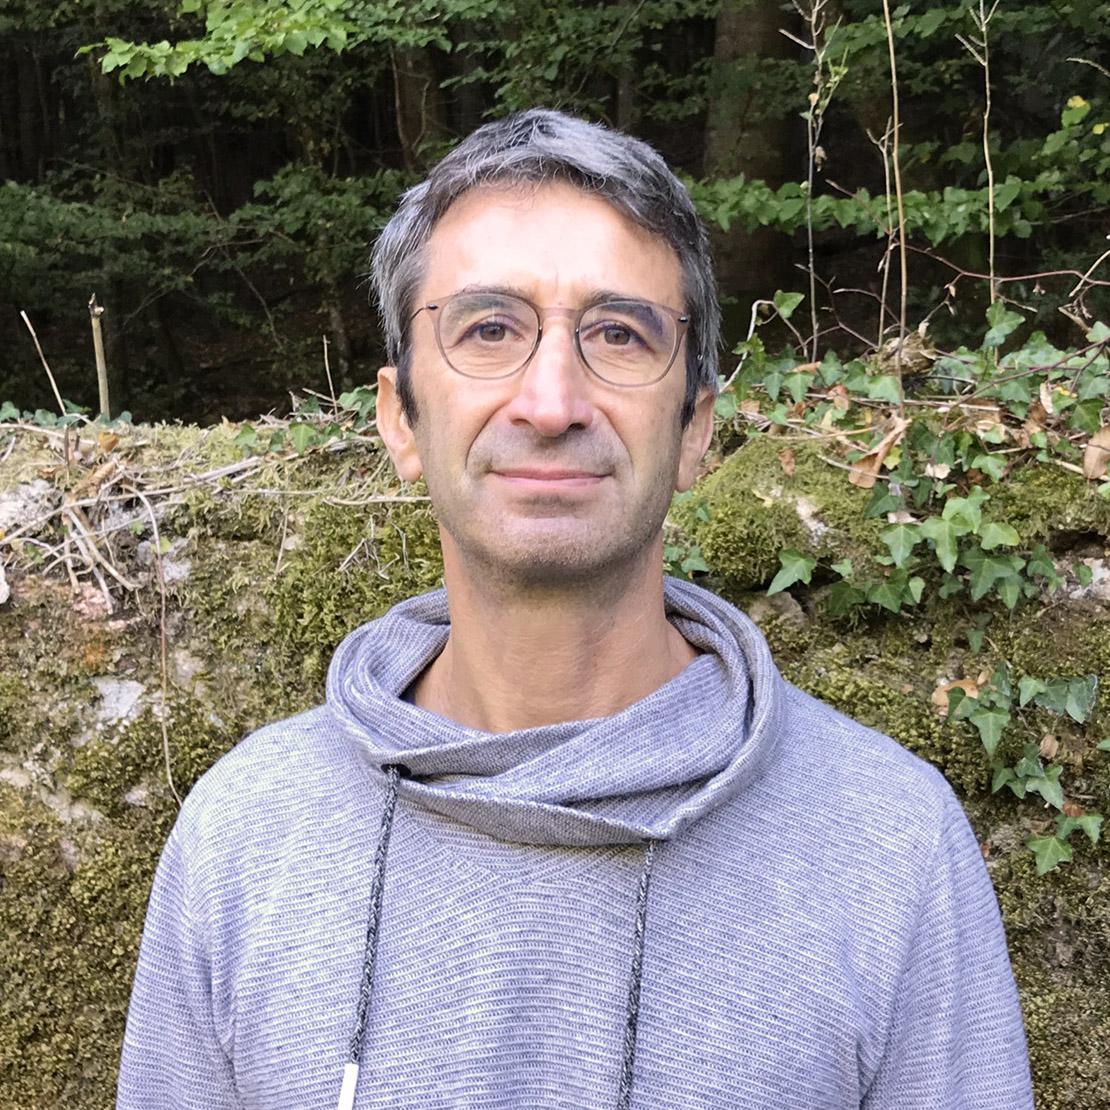 Jean-Luc Pillard